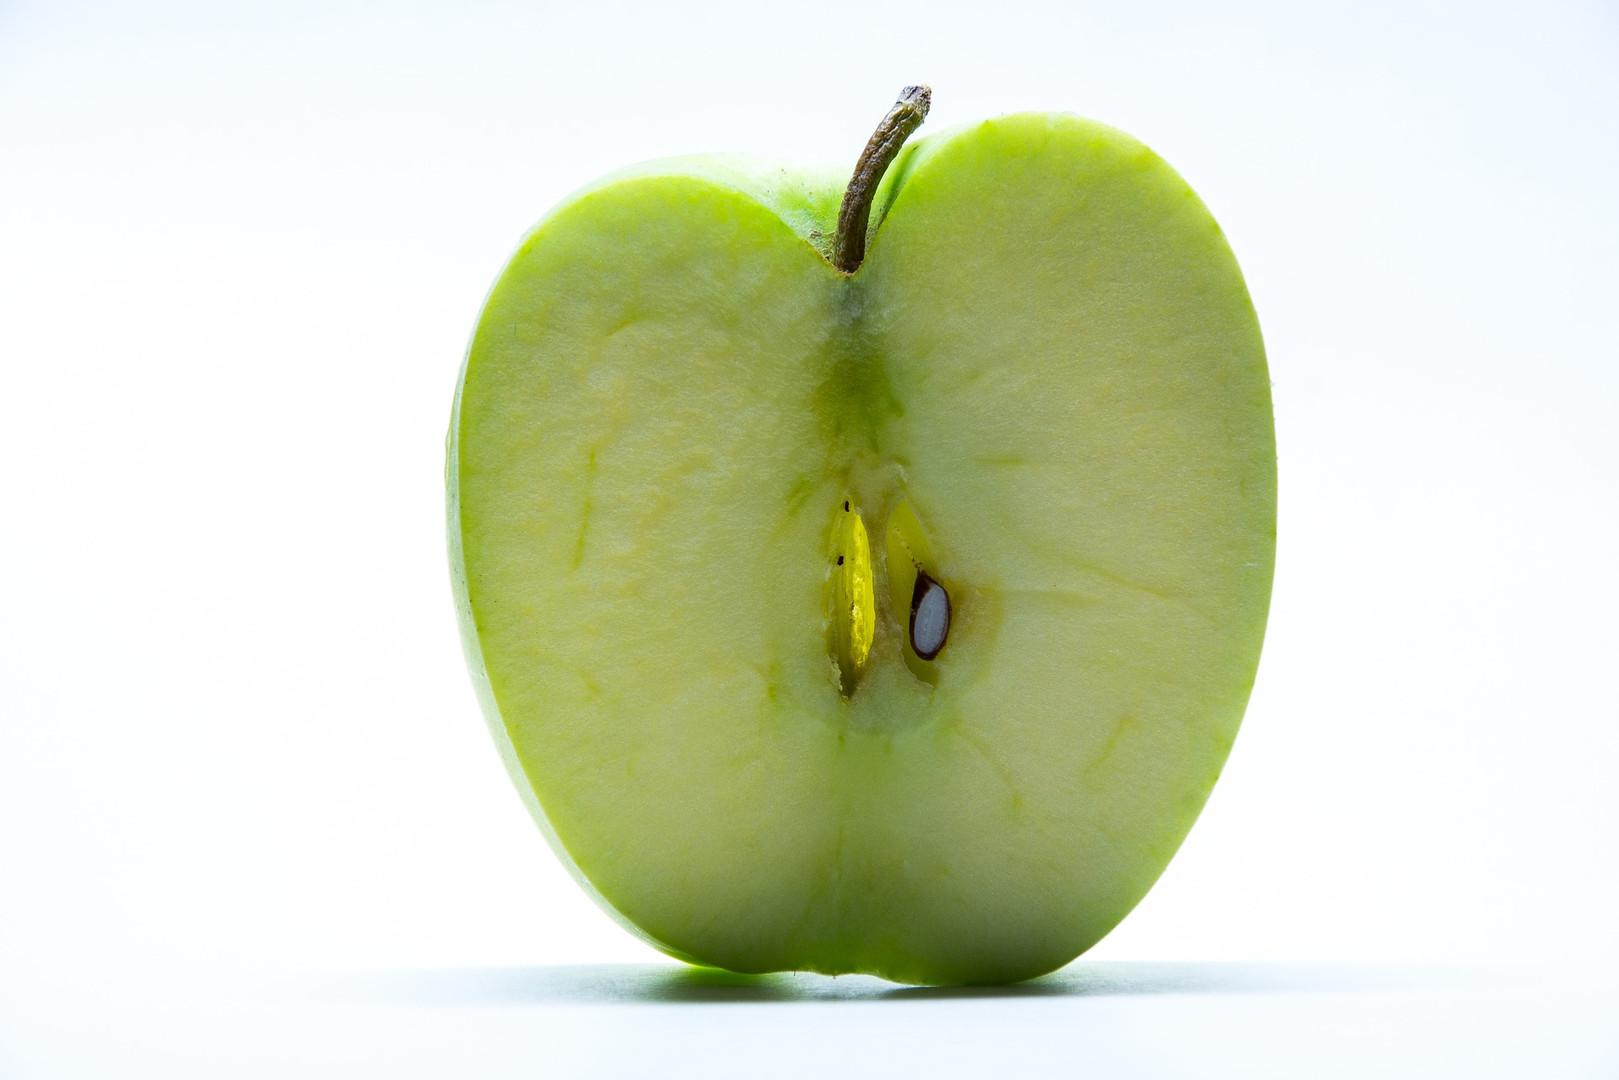 macã verde.jpg